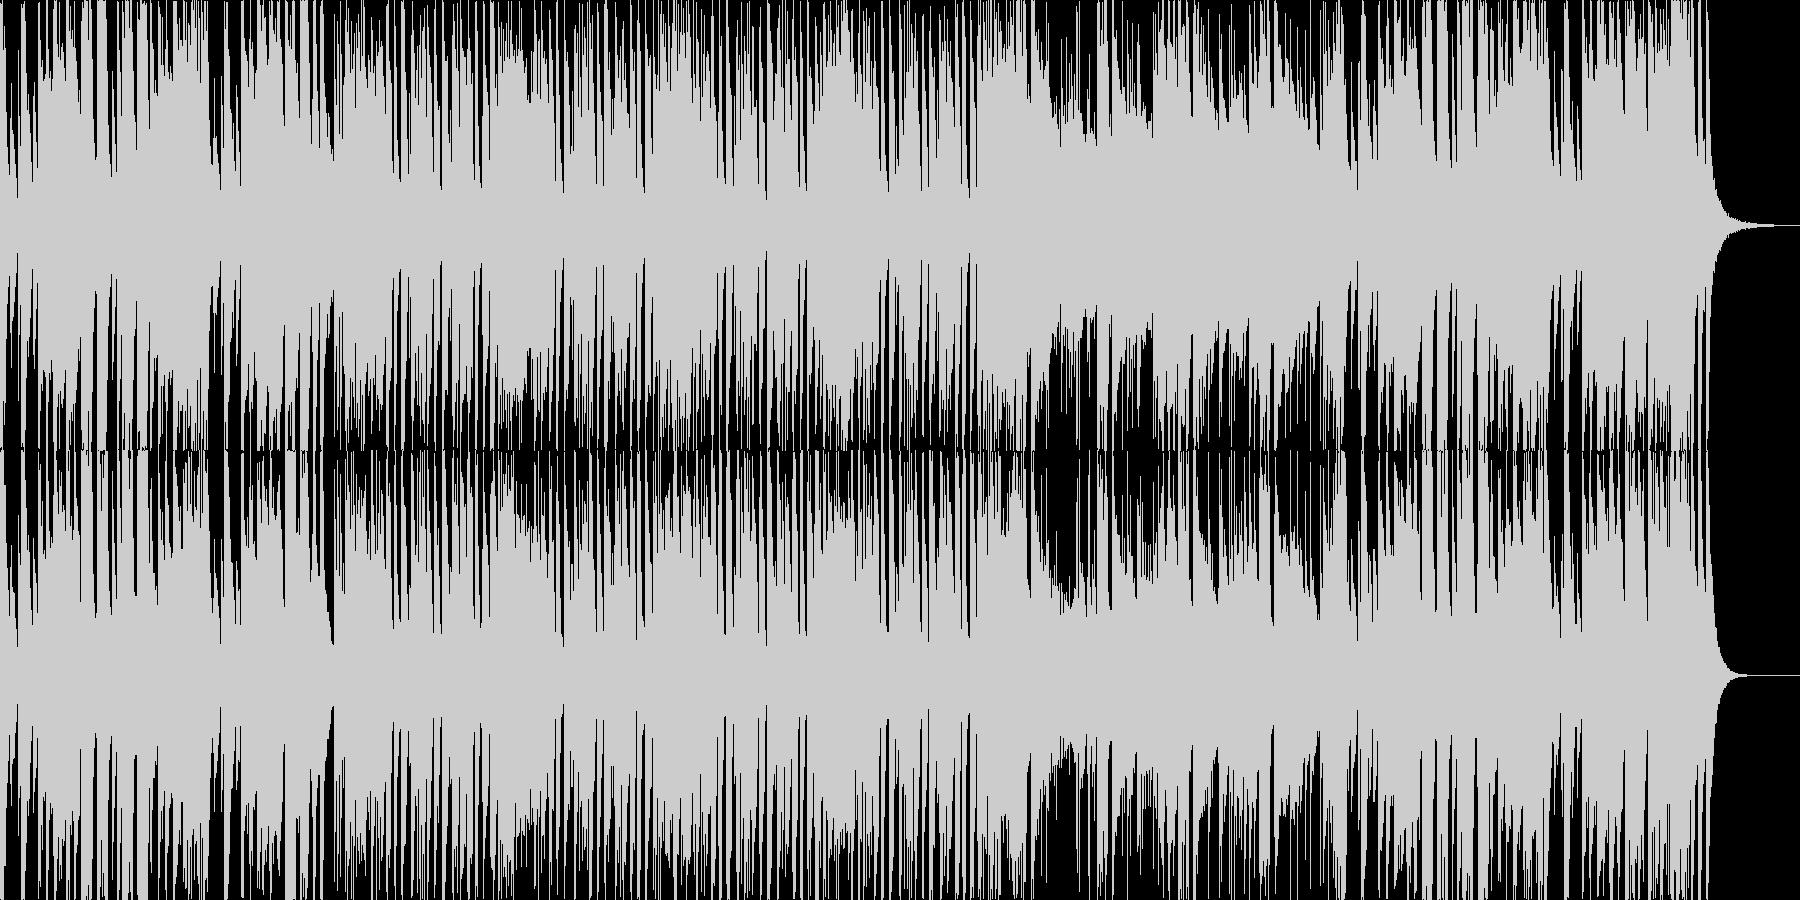 ピアノメインのせわしない曲です。の未再生の波形